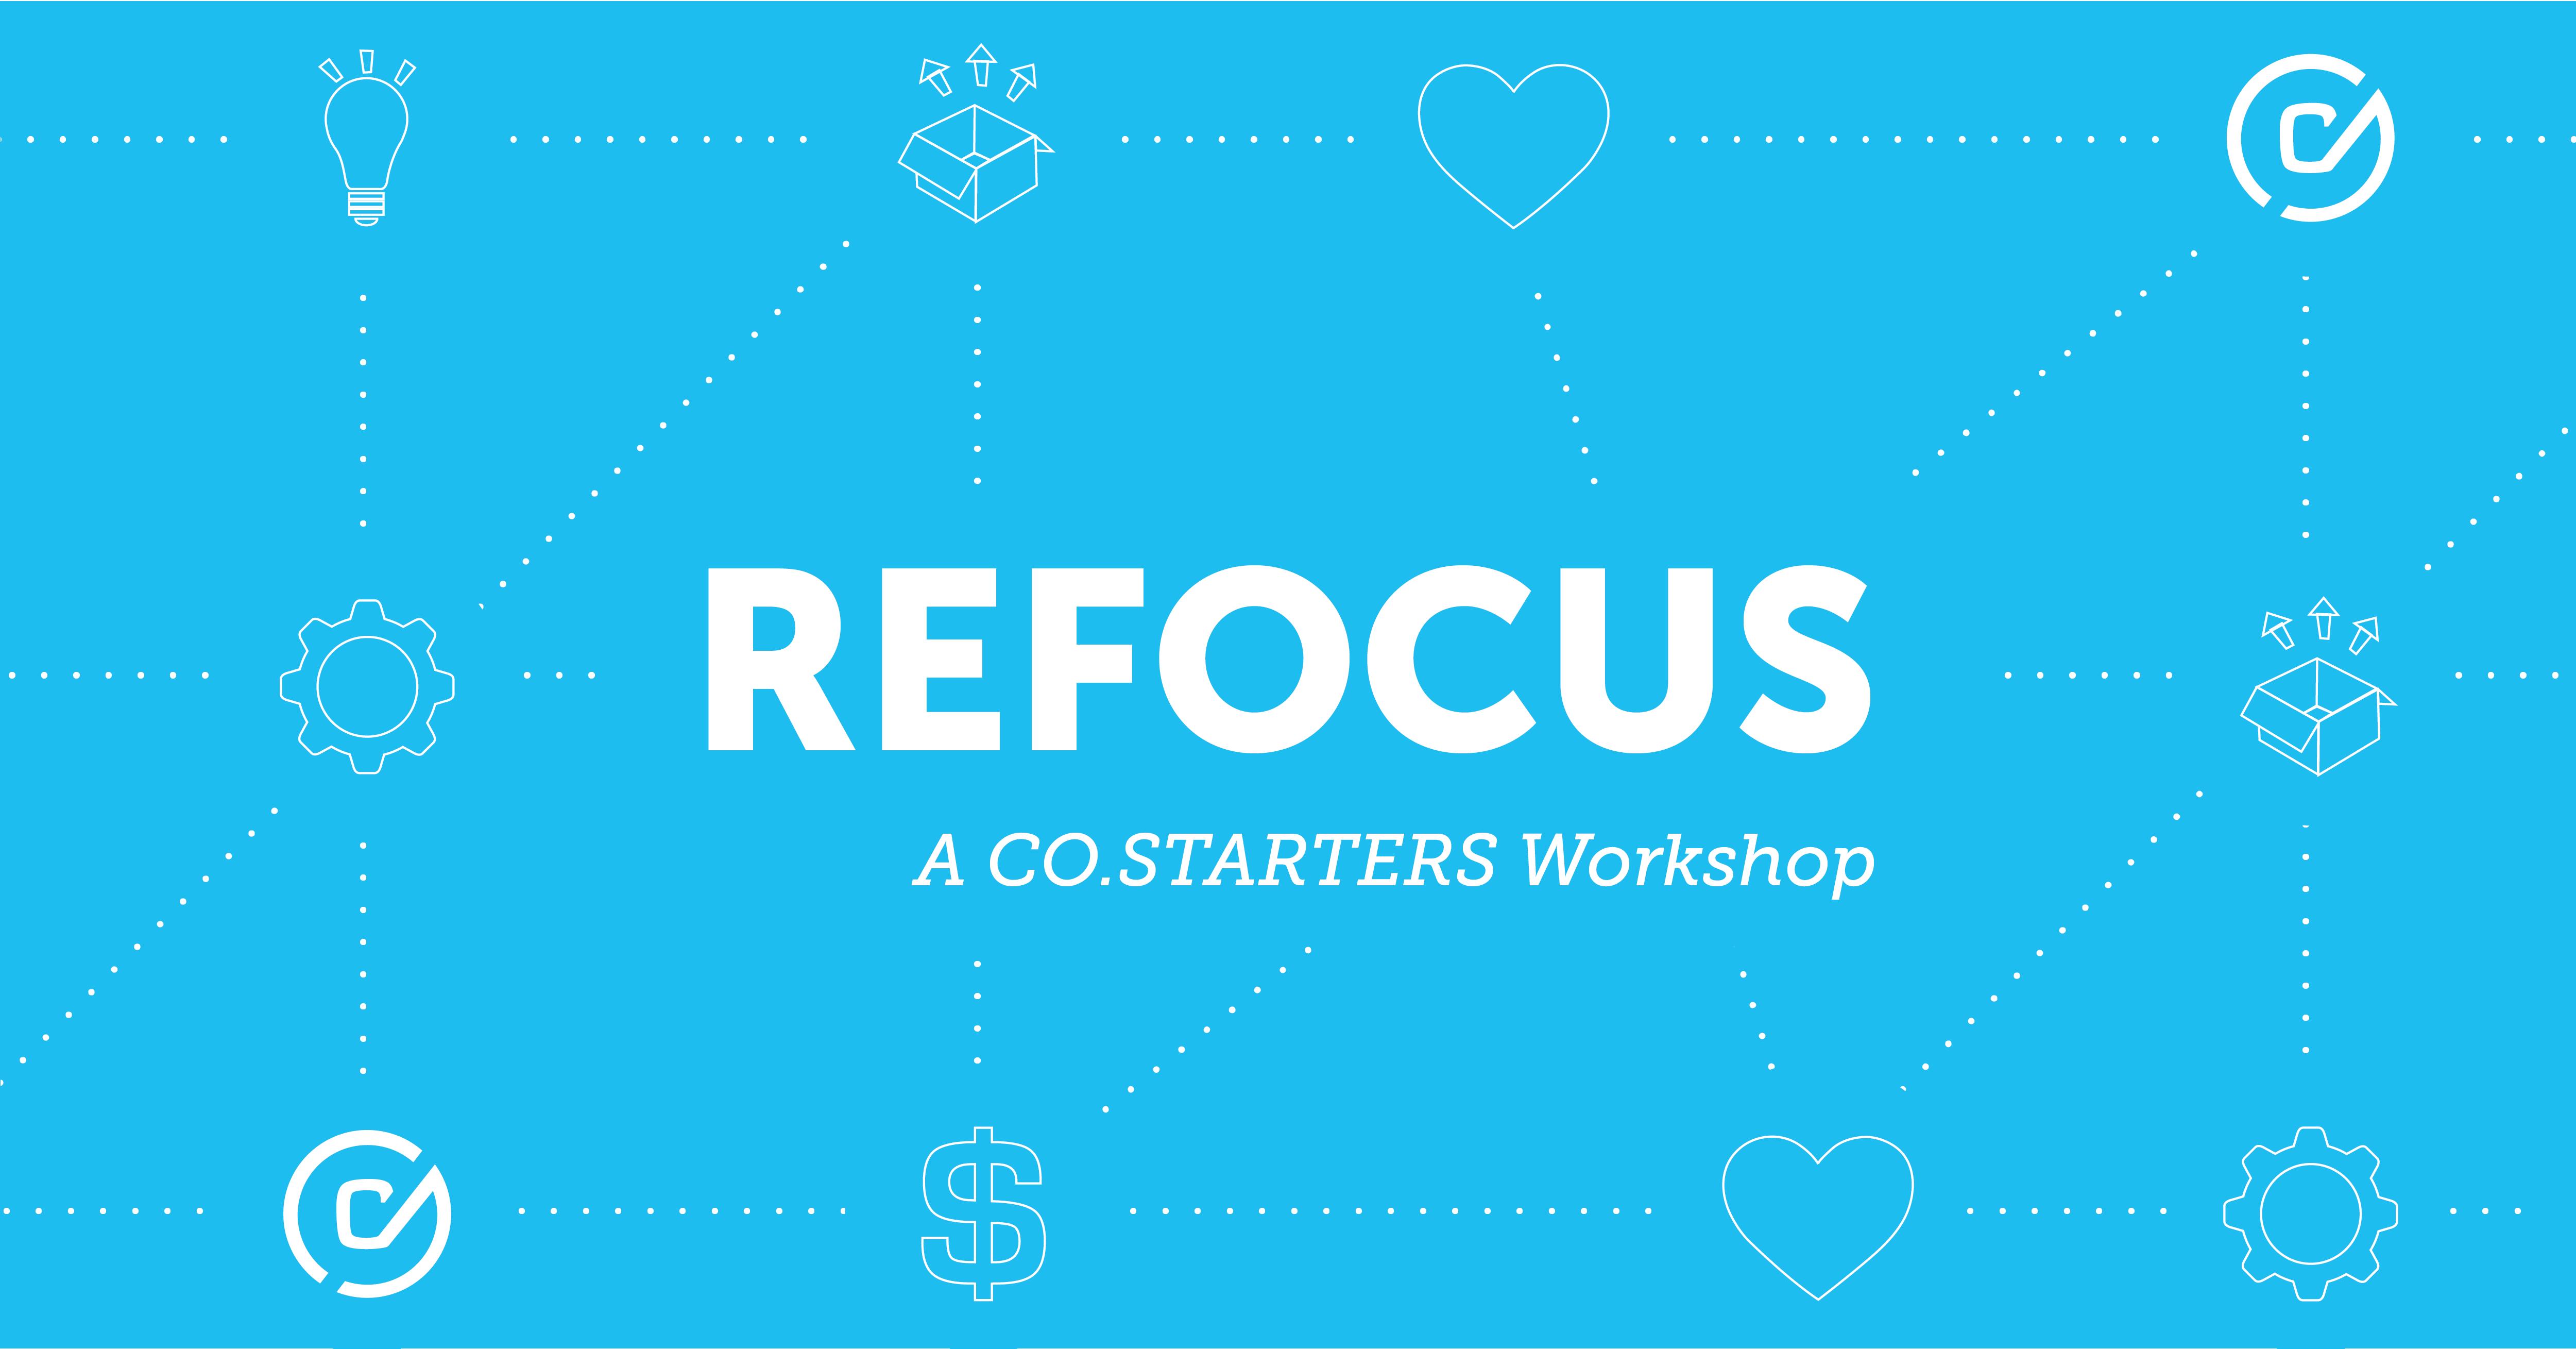 This Workshop Has Been Rescheduled -- CO. STARTERS Refocus Workshop